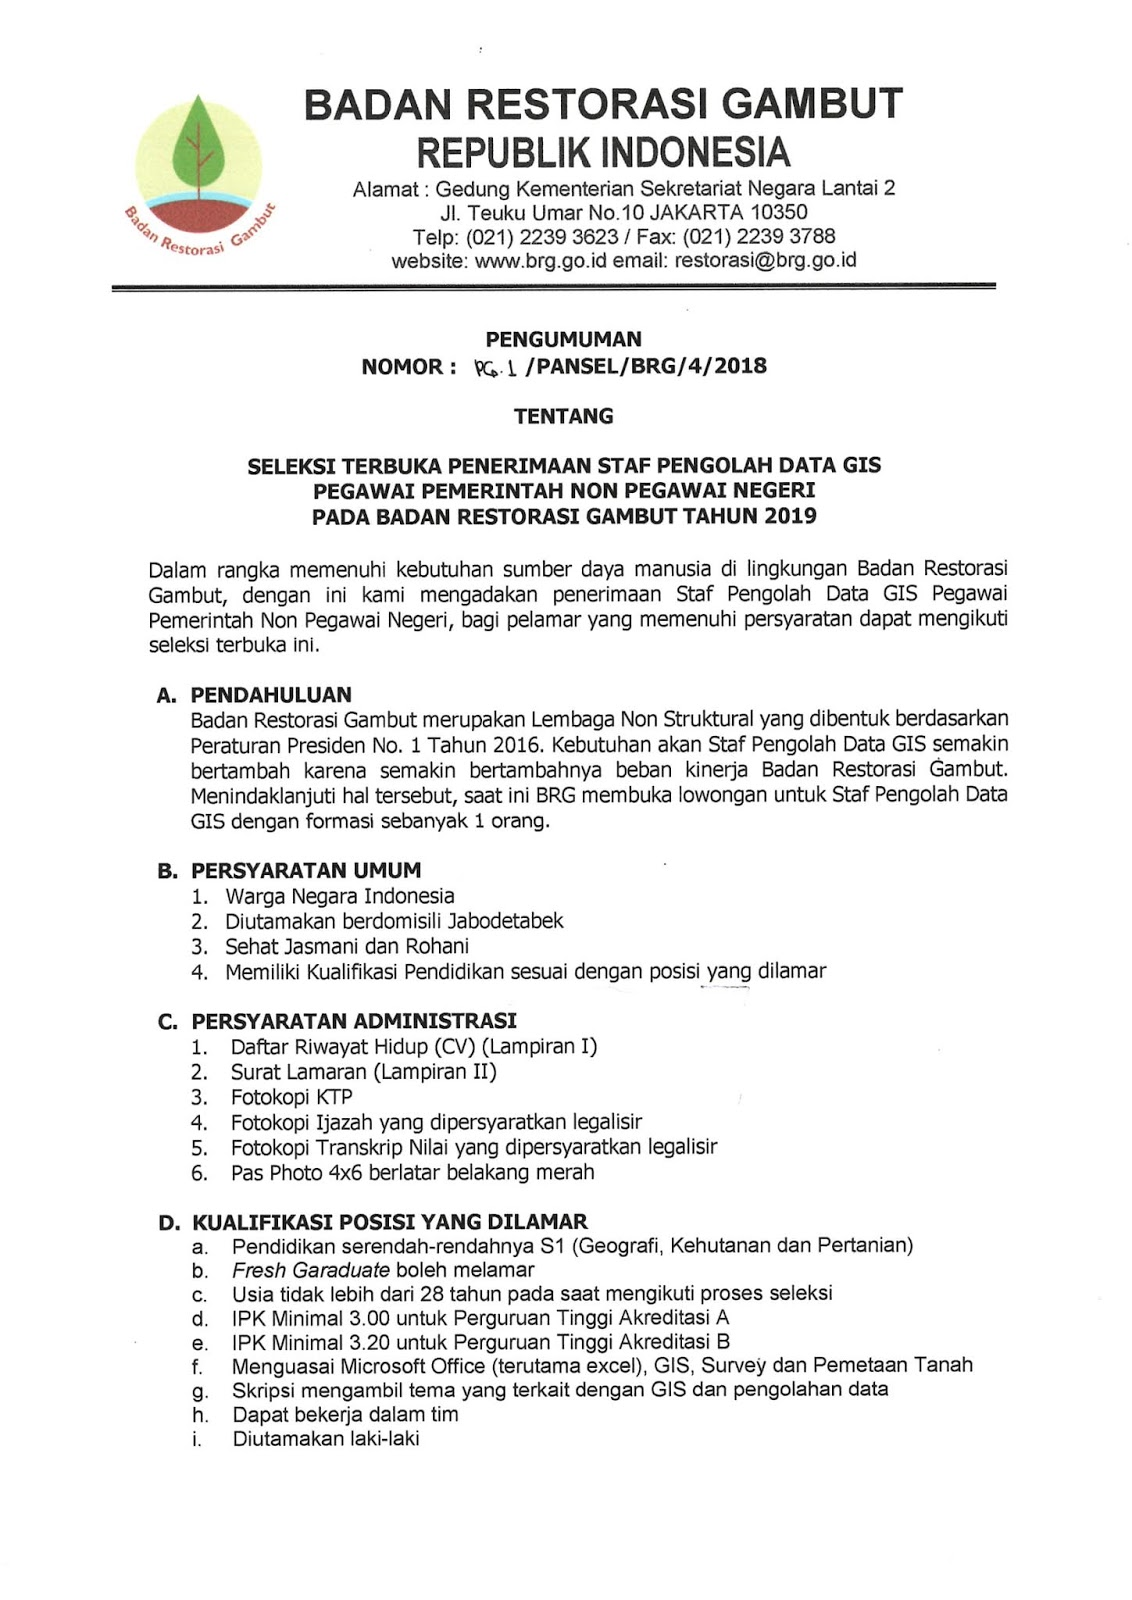 Lowongan Kerja Badan Restorasi Gambut Republik Indonesia April 2019